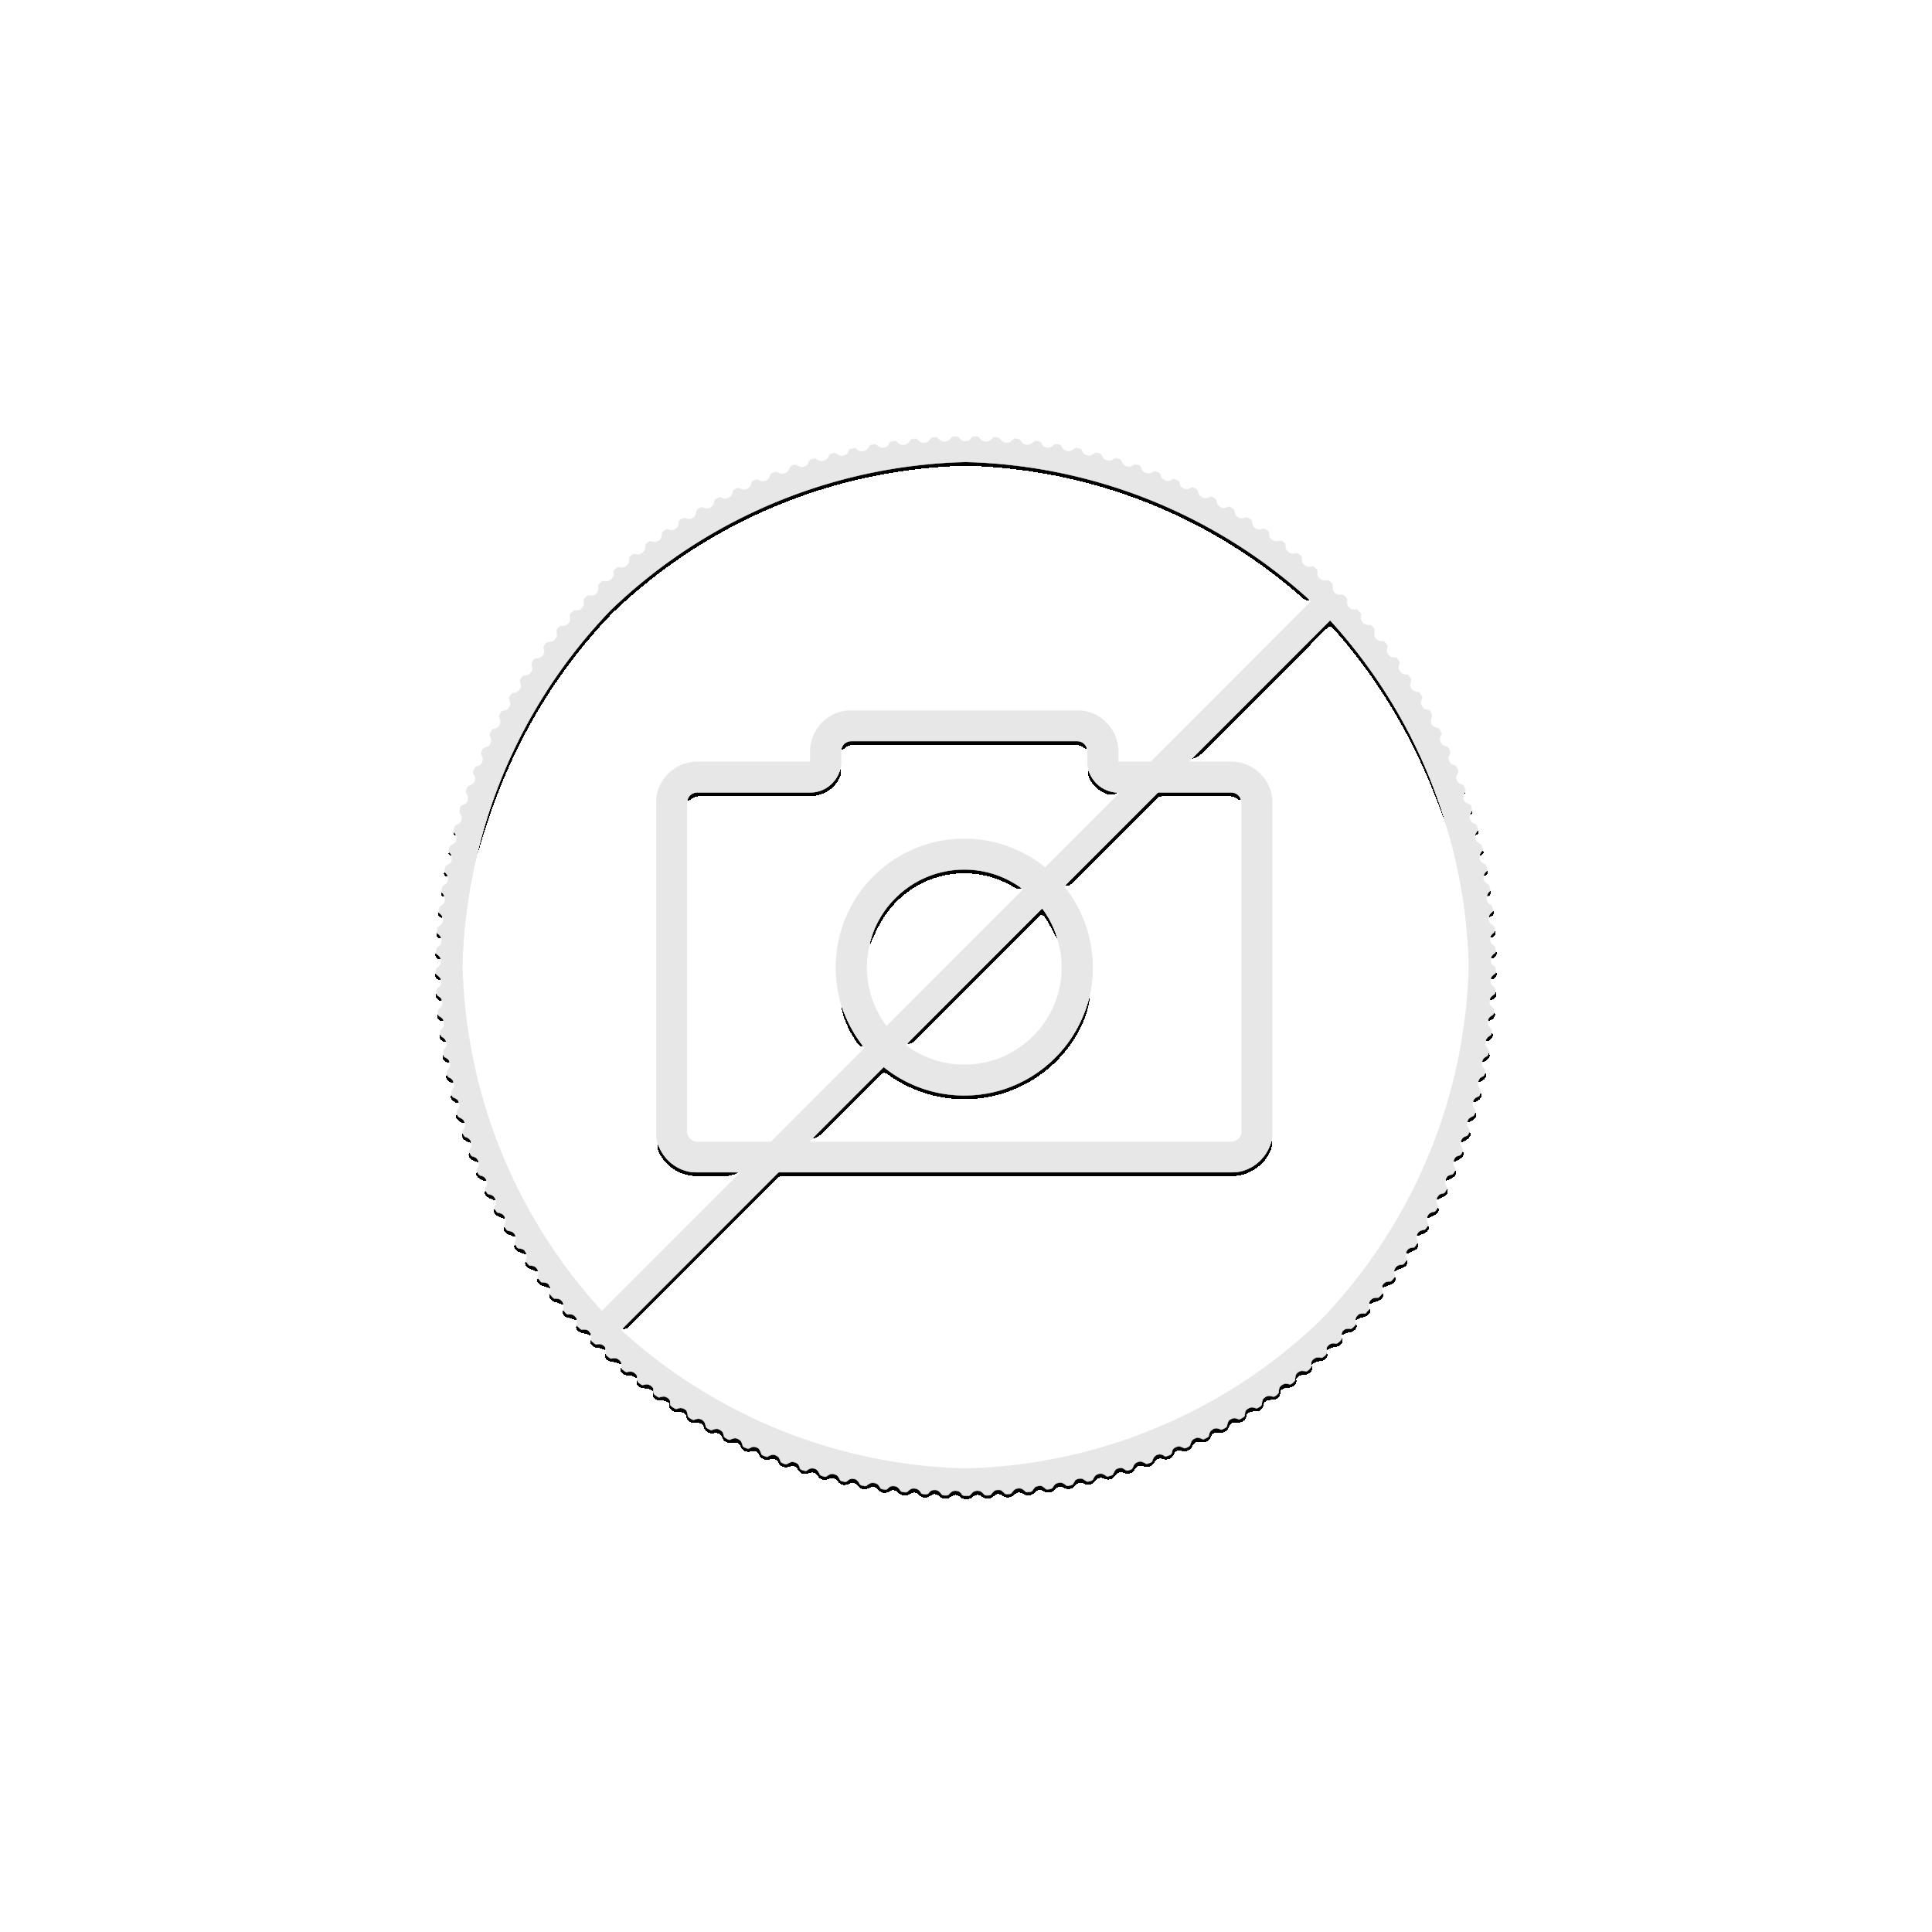 1 Troy ounce silver coin Lunar 2019